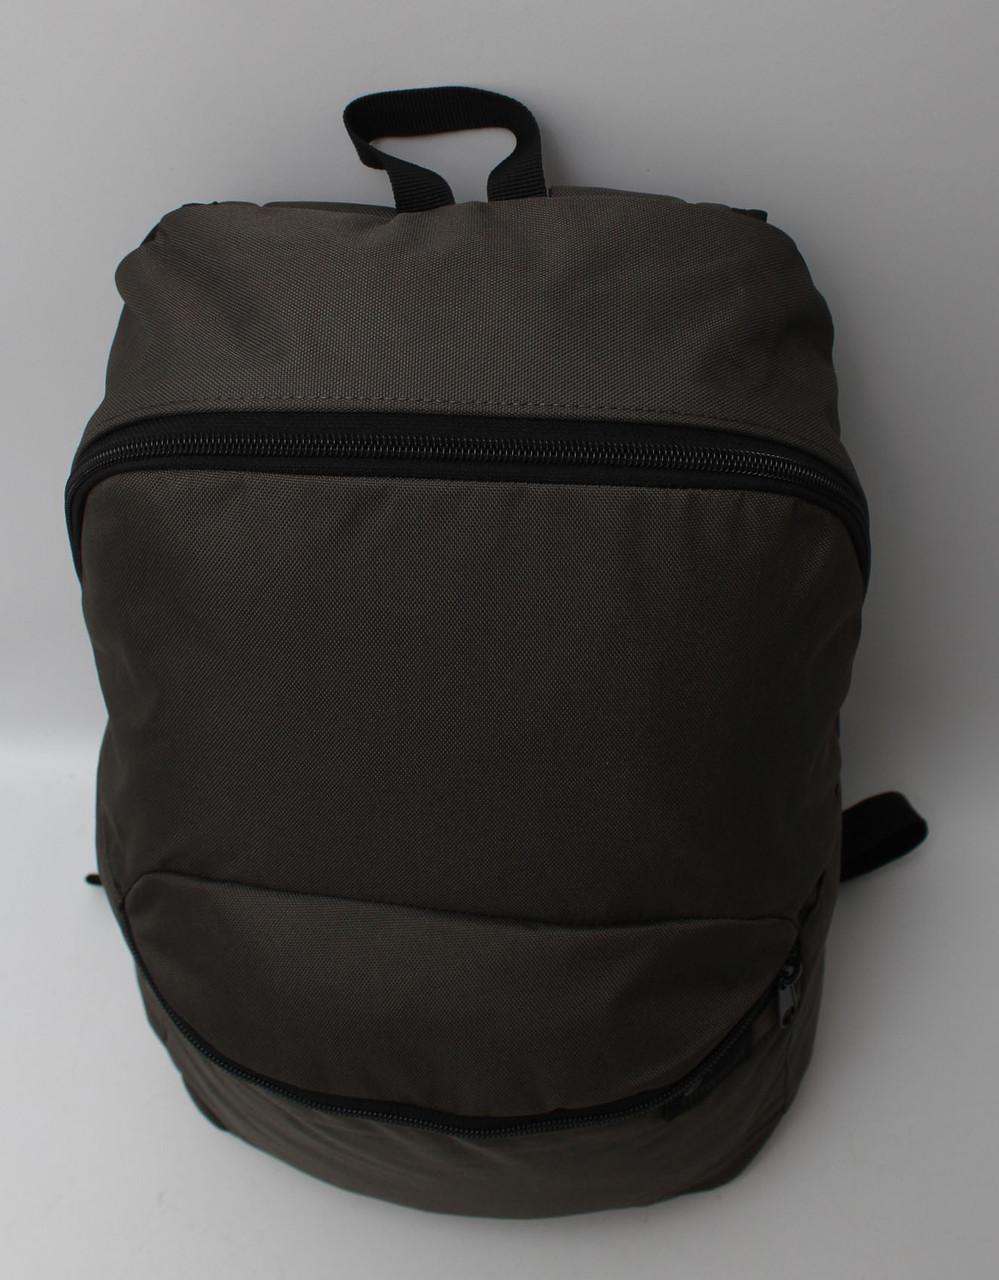 870f92a8ca6f Жіночий спортивний легкий рюкзак / Женский спортивный рюкзак , цена 380  грн., купить Золочів — Prom.ua (ID#230652867)